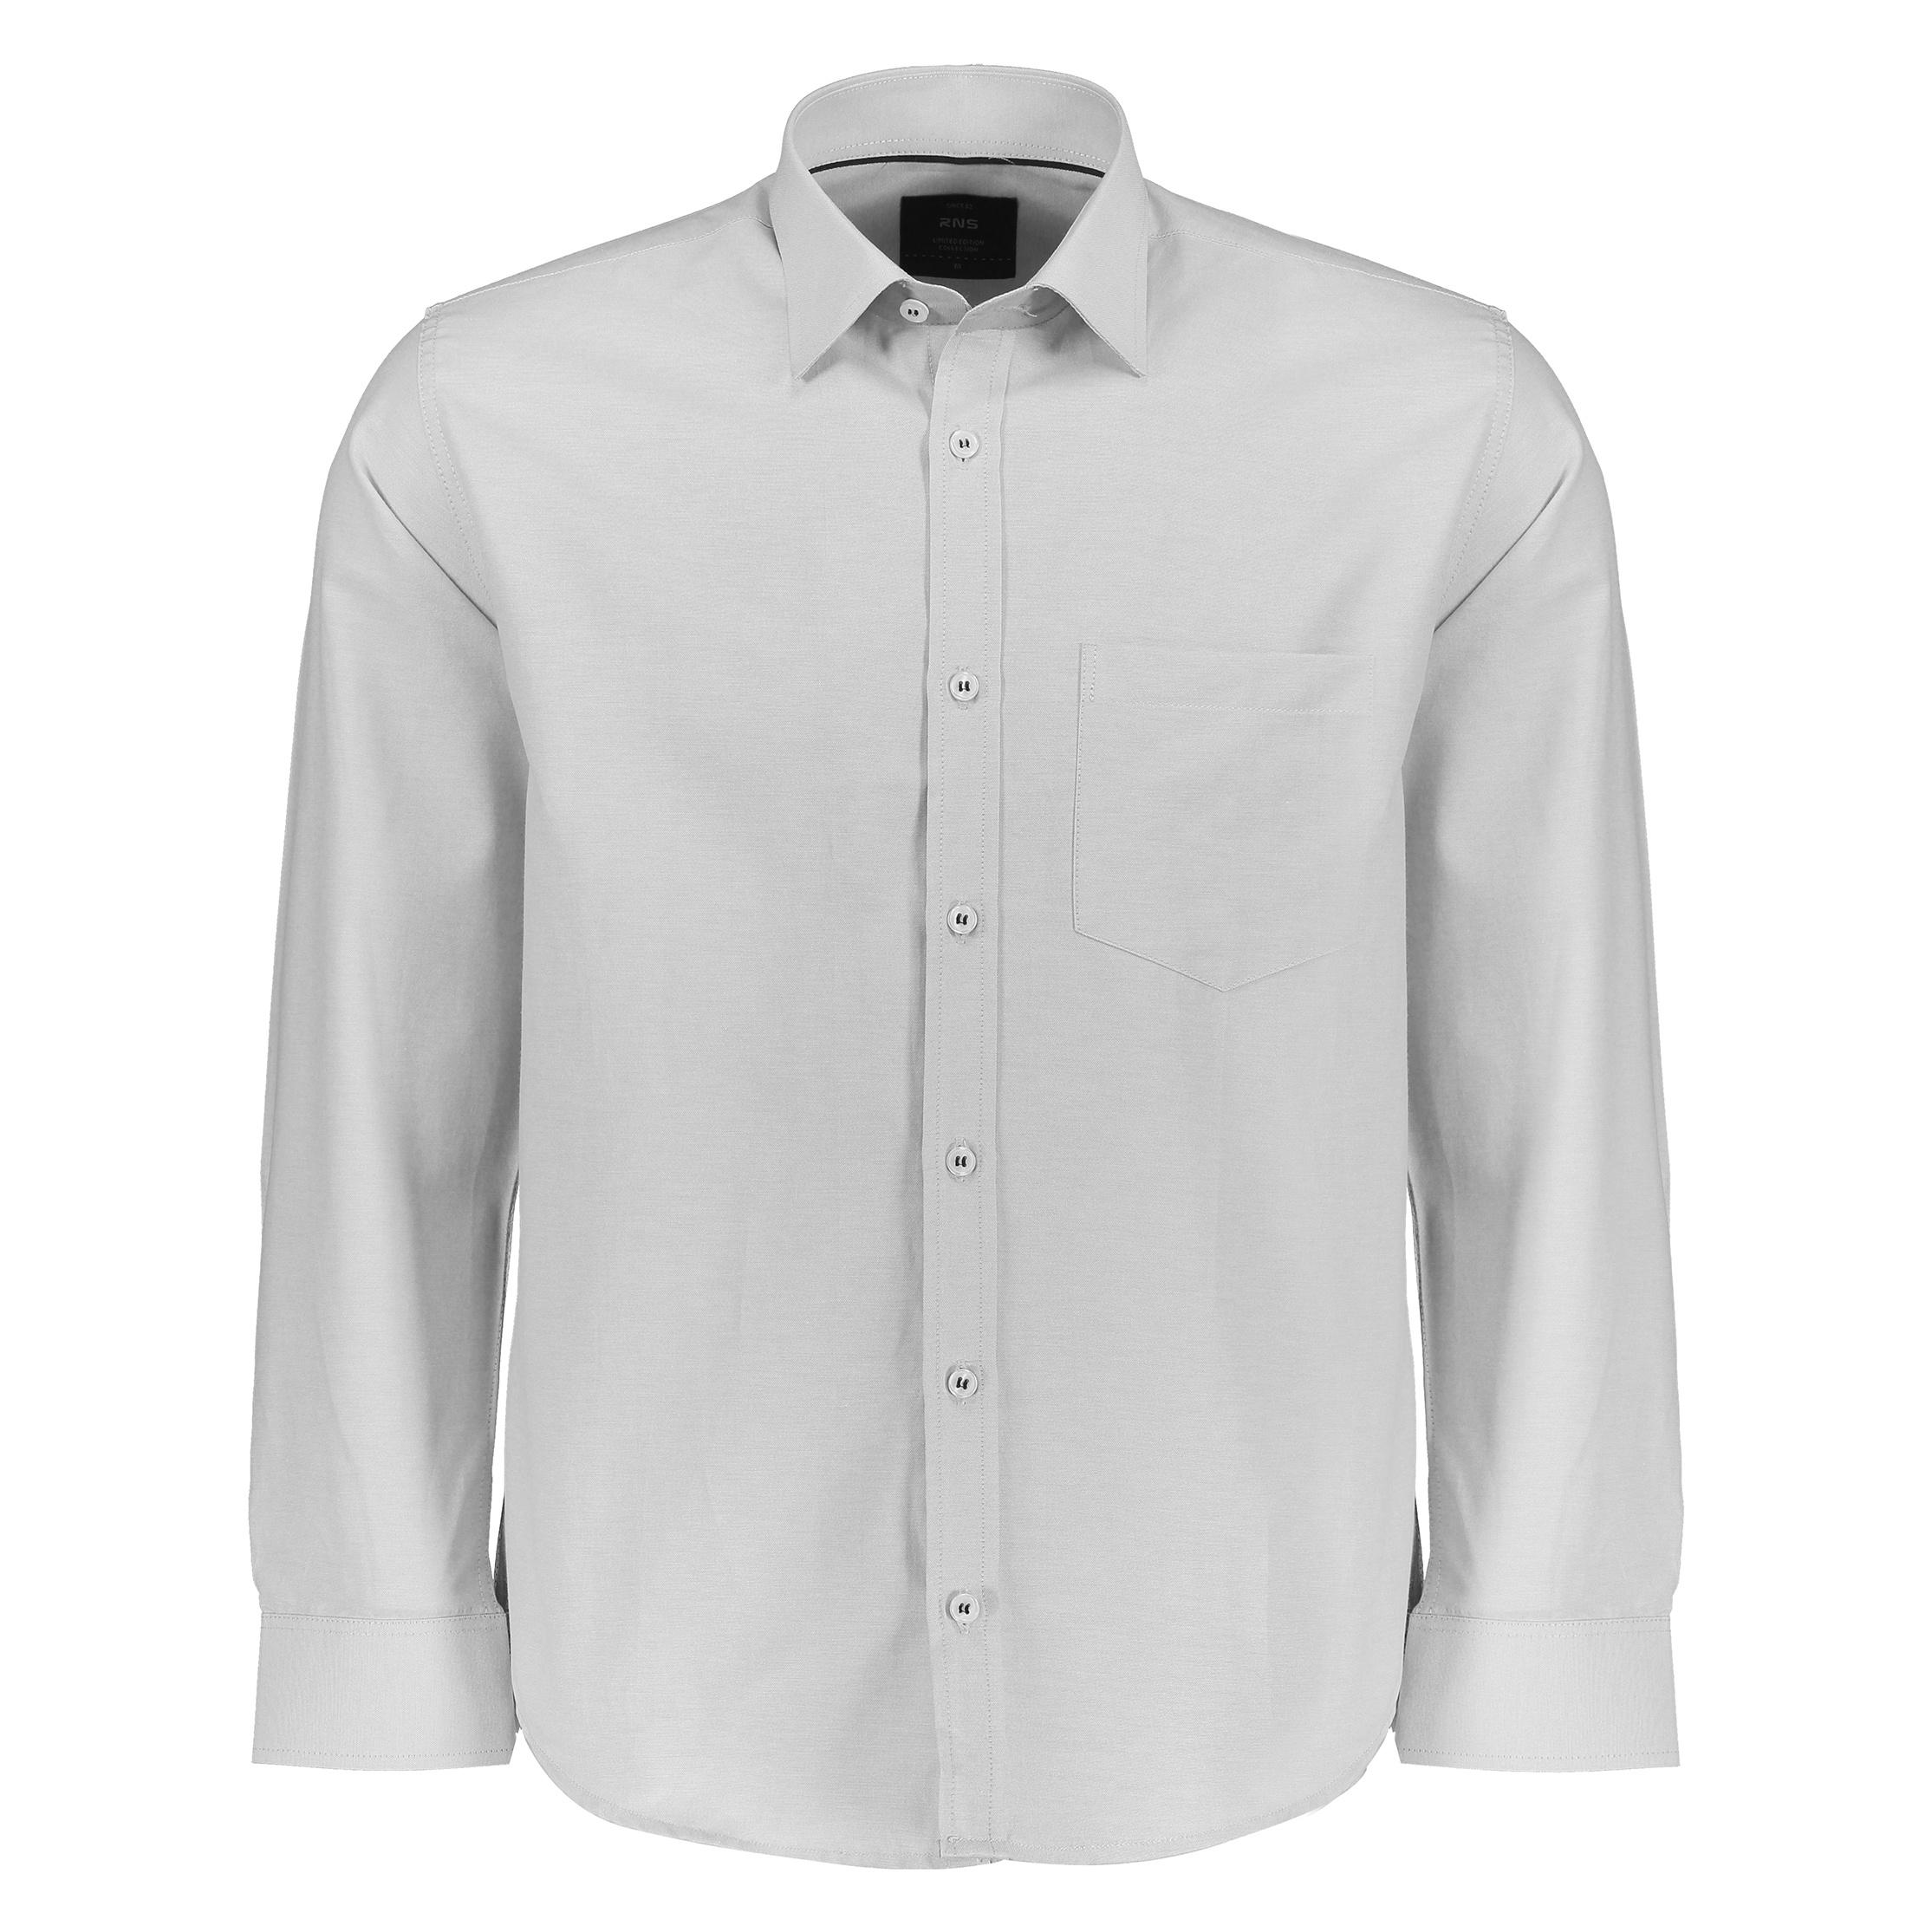 پیراهن مردانه آر ان اس مدل 1120008-90